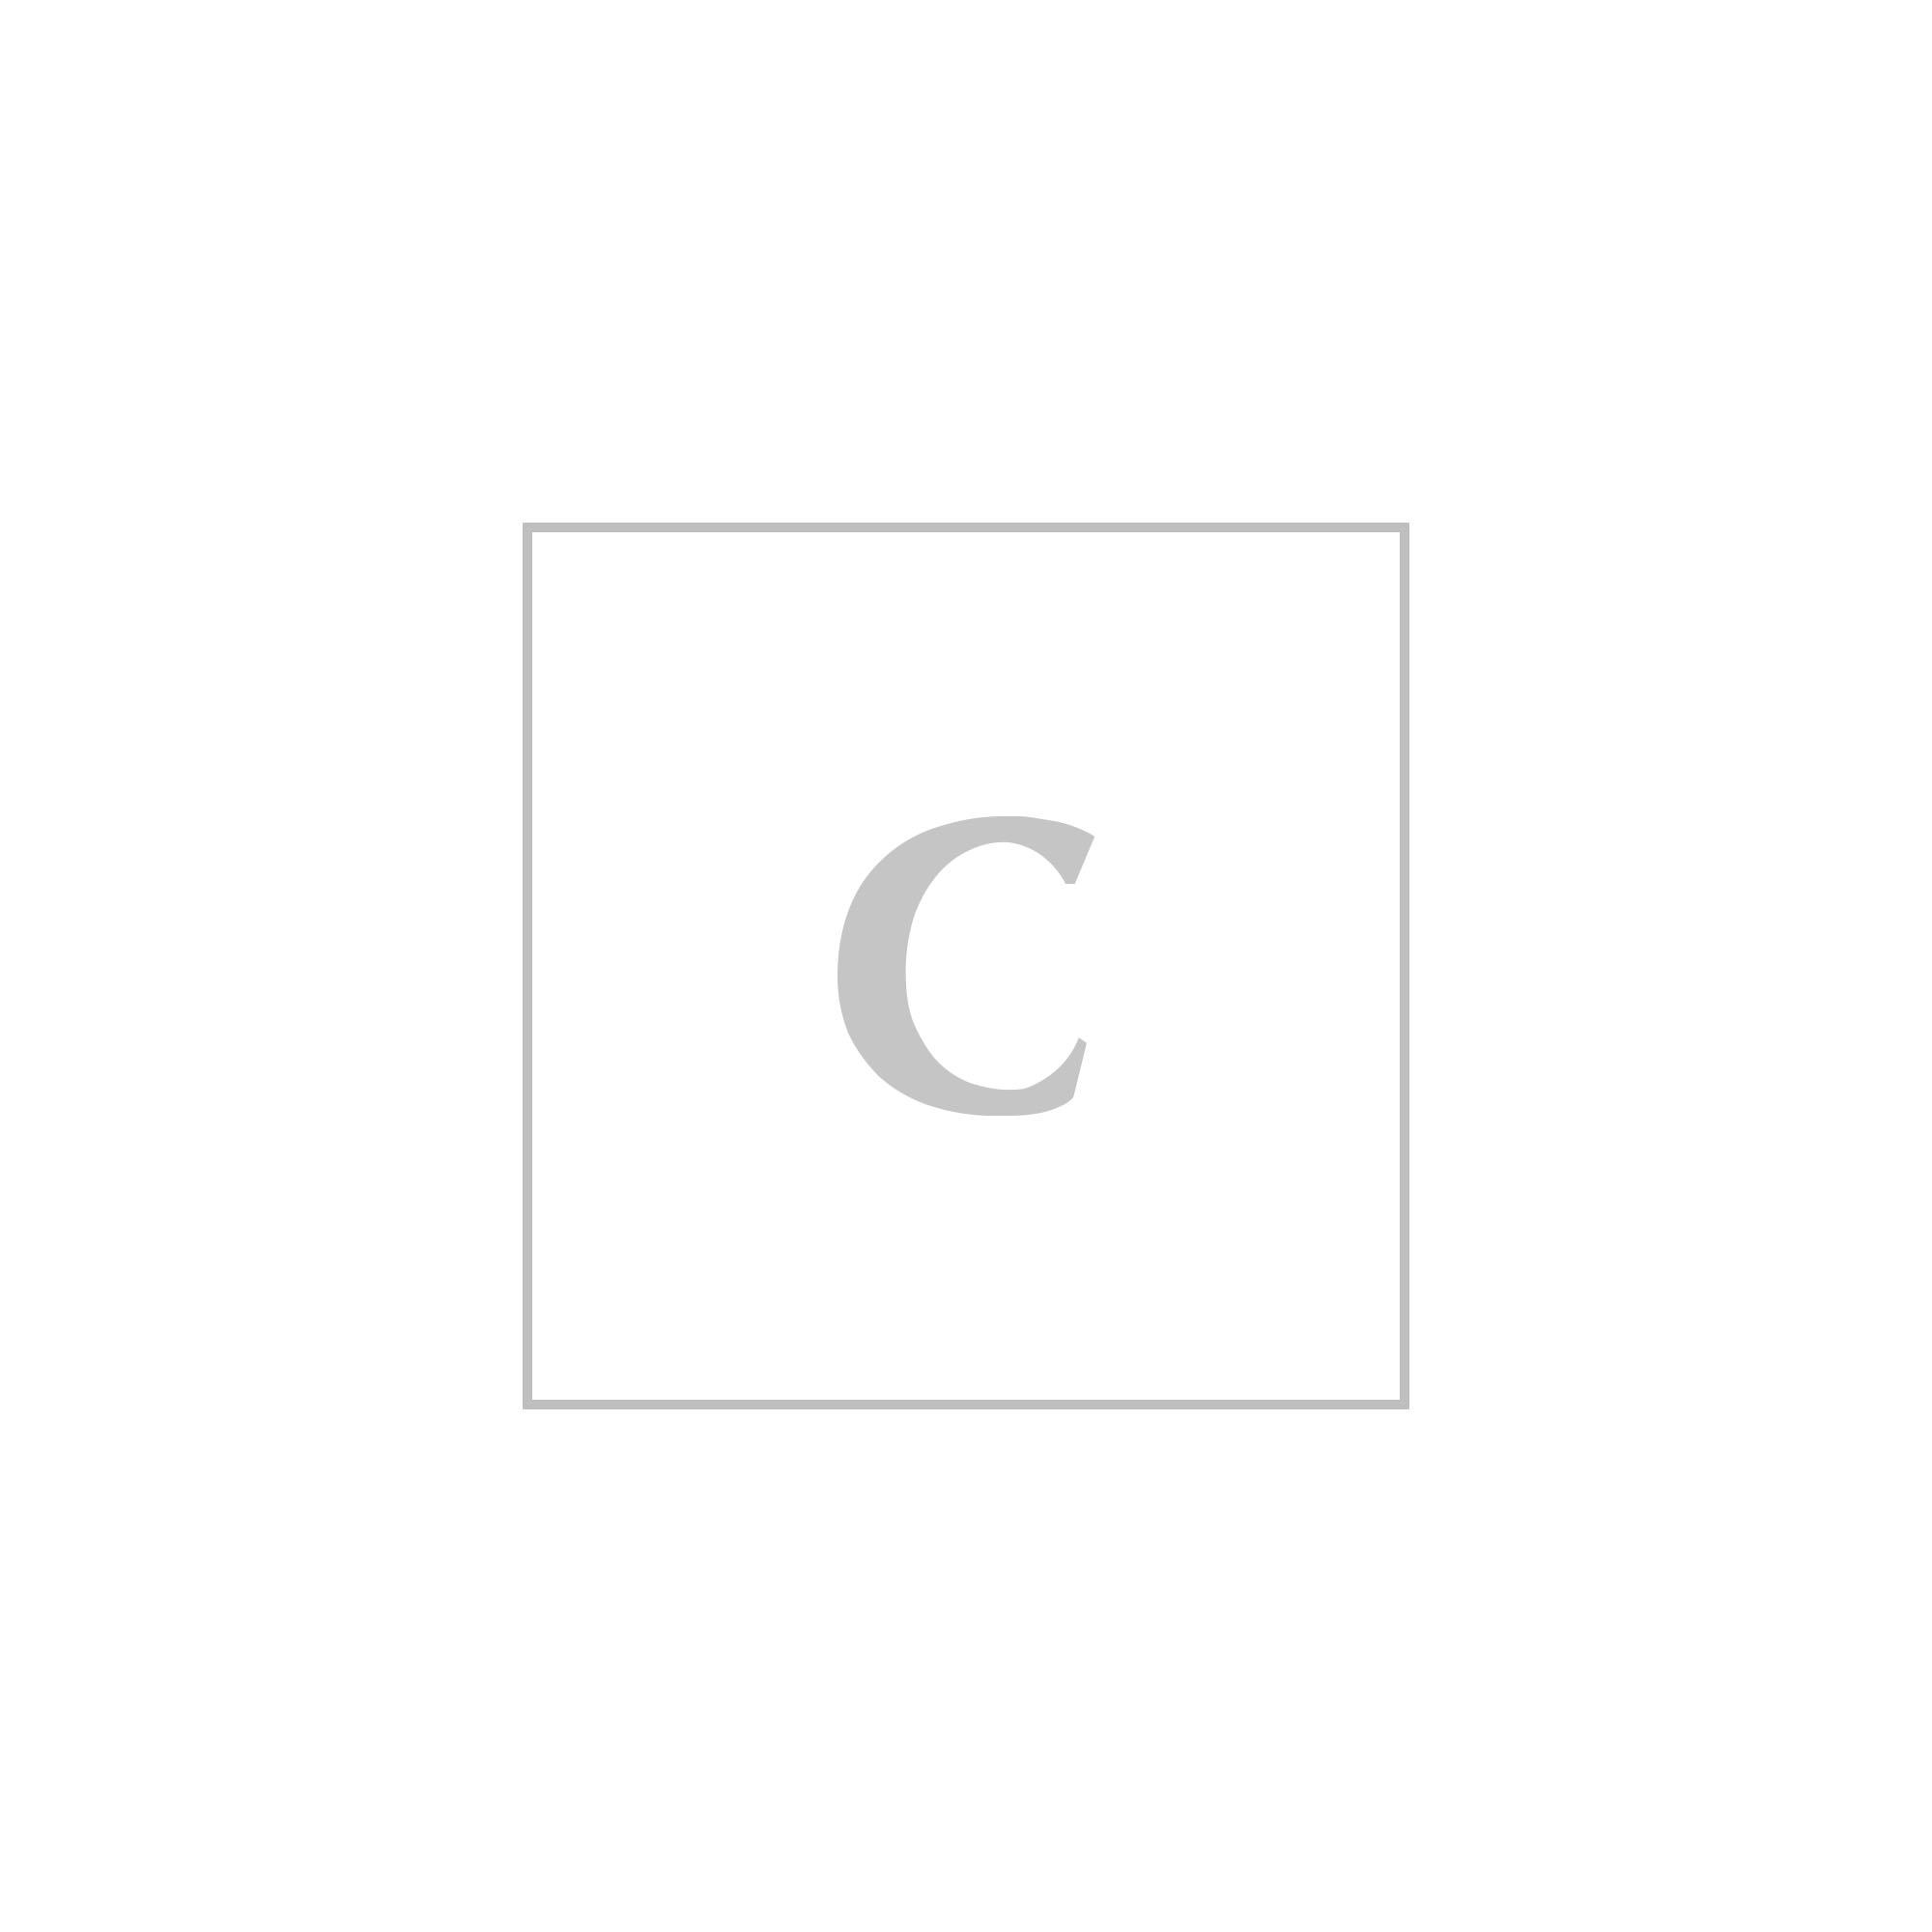 Ohmai borsa chaos c026